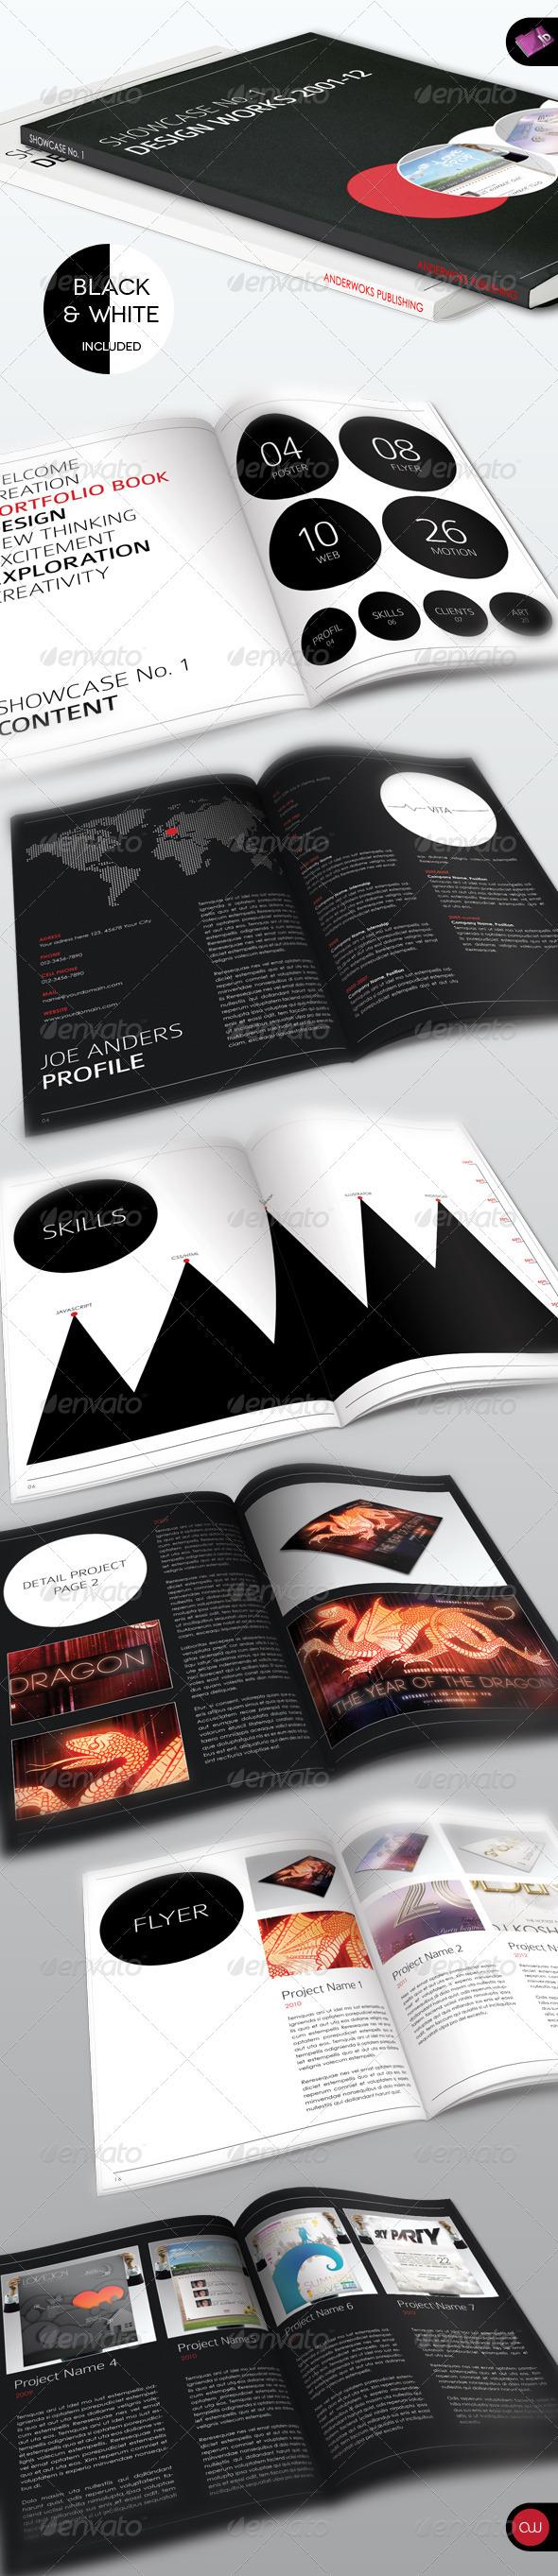 GraphicRiver Book & Brochure Showcase No.1 1392721